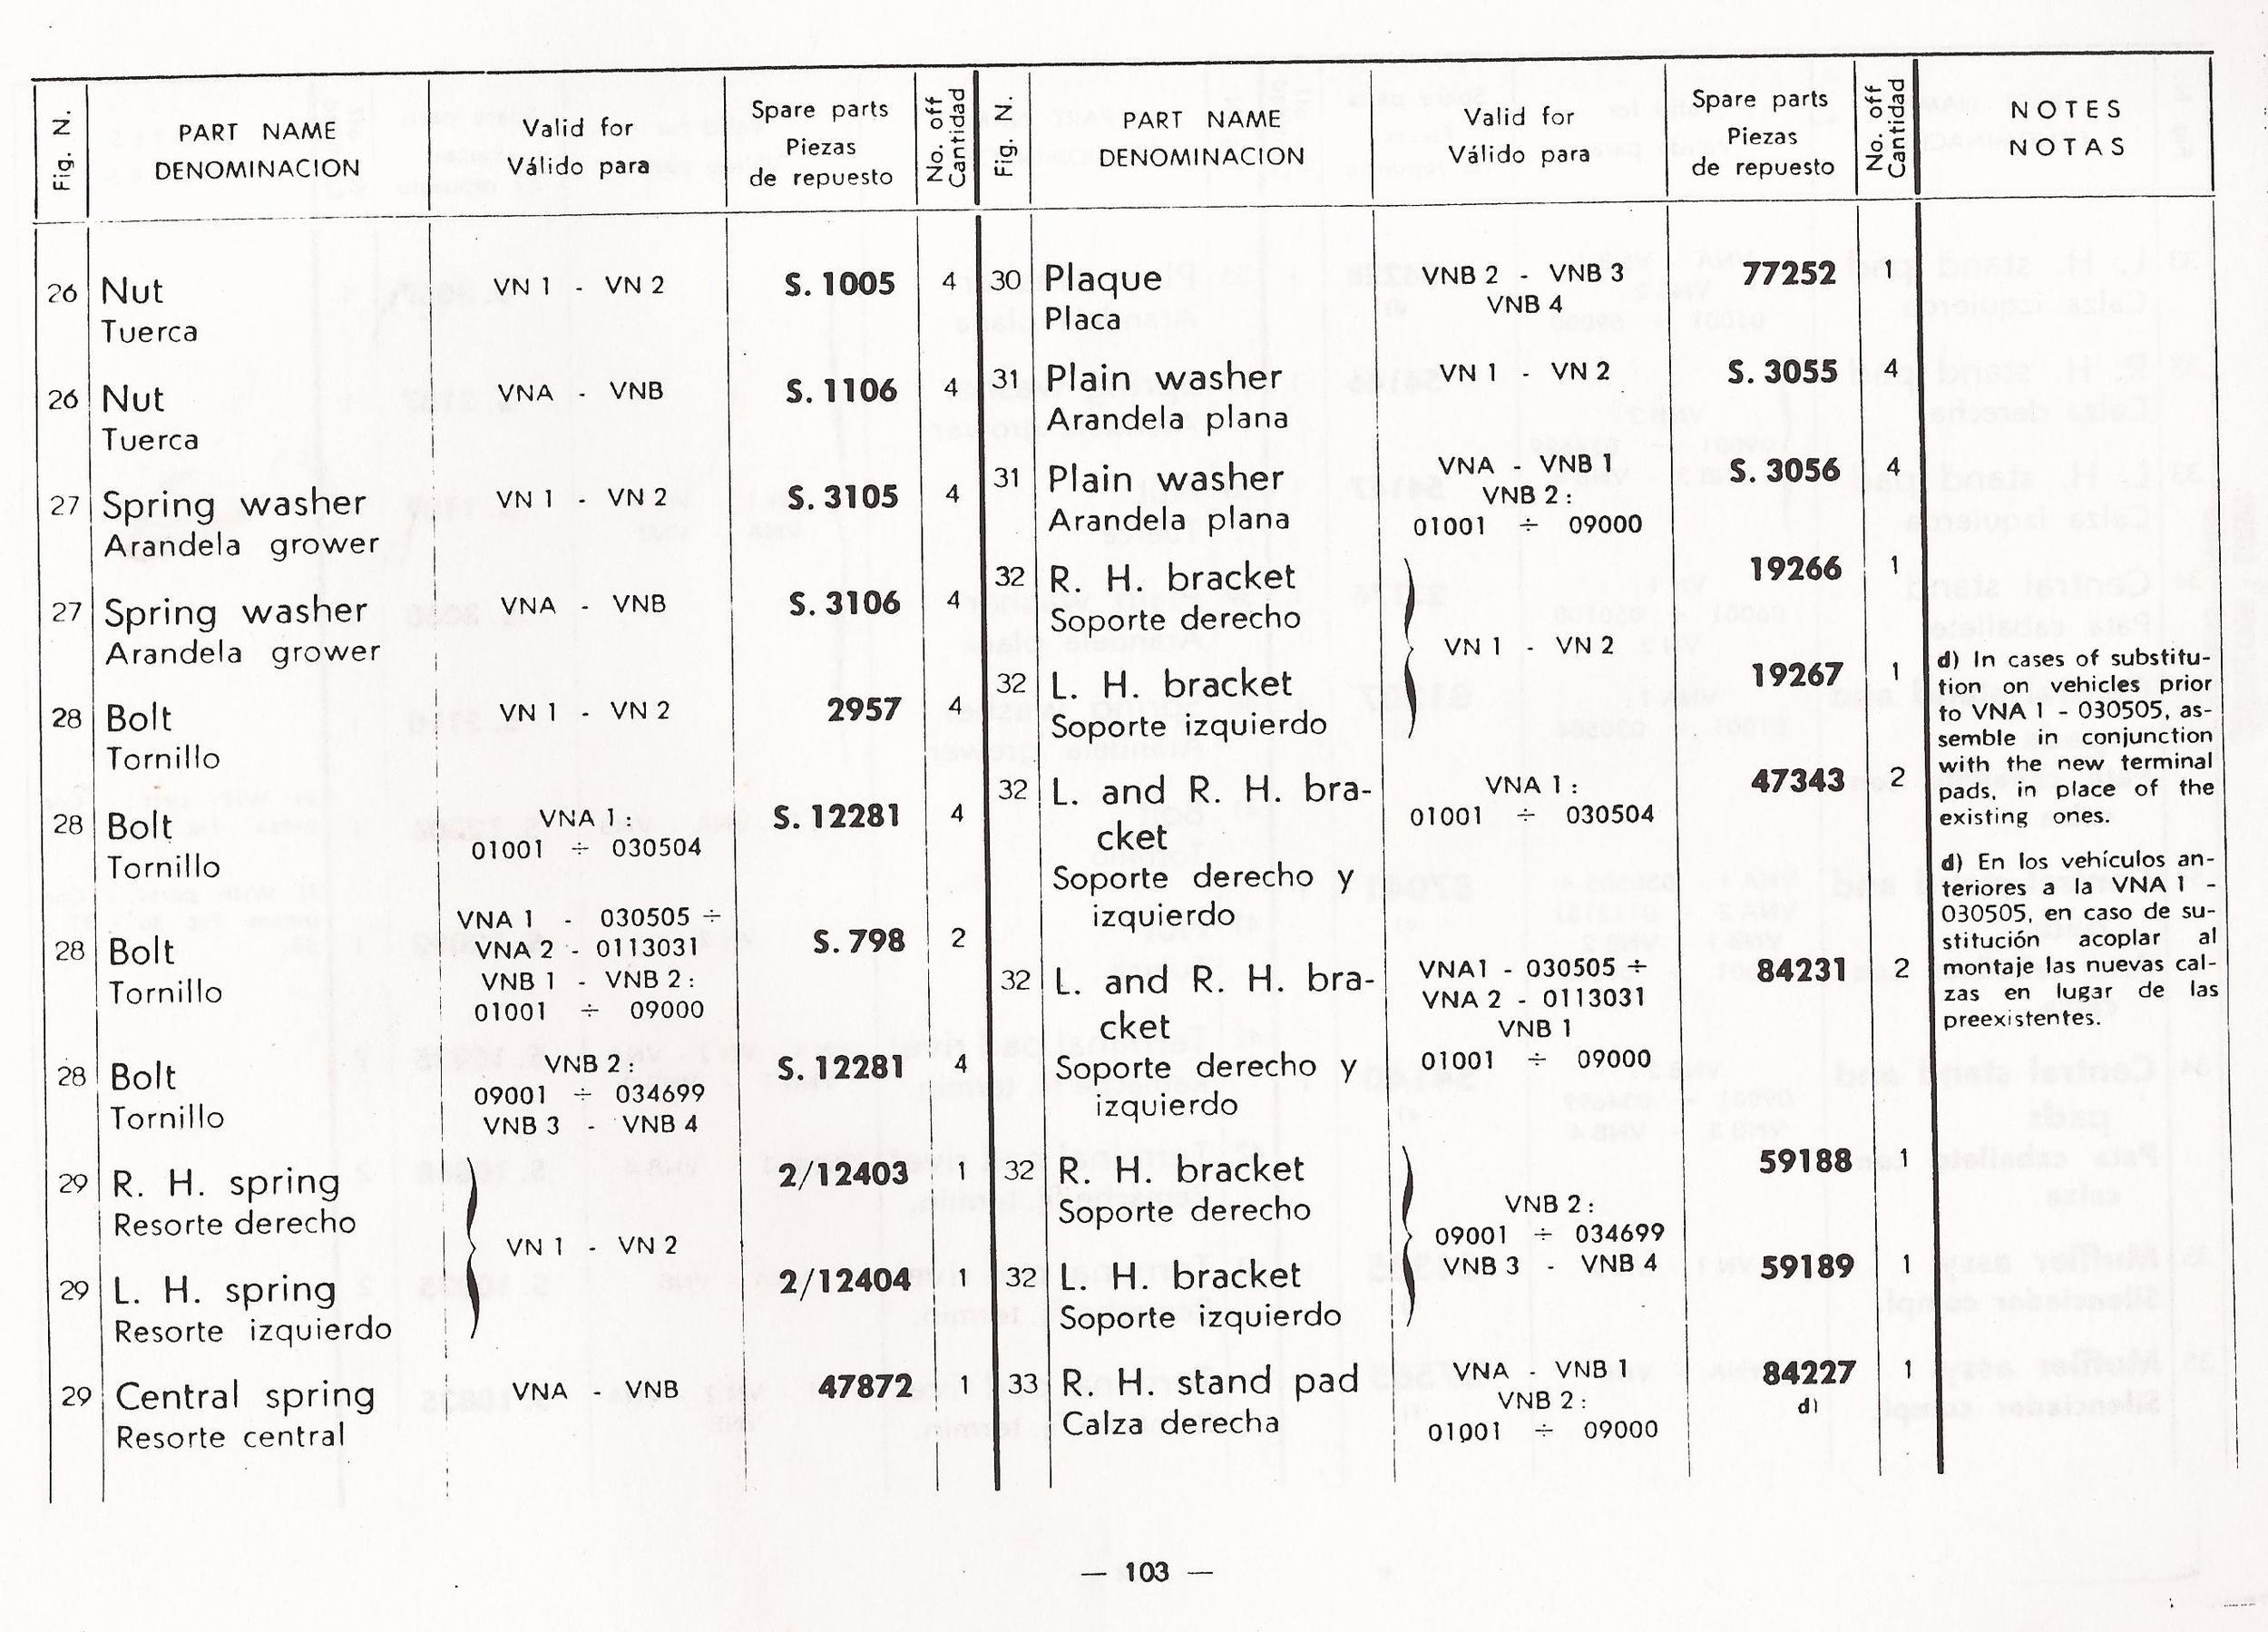 07-16-2013 vespa 125 catalog manuel 109.jpg